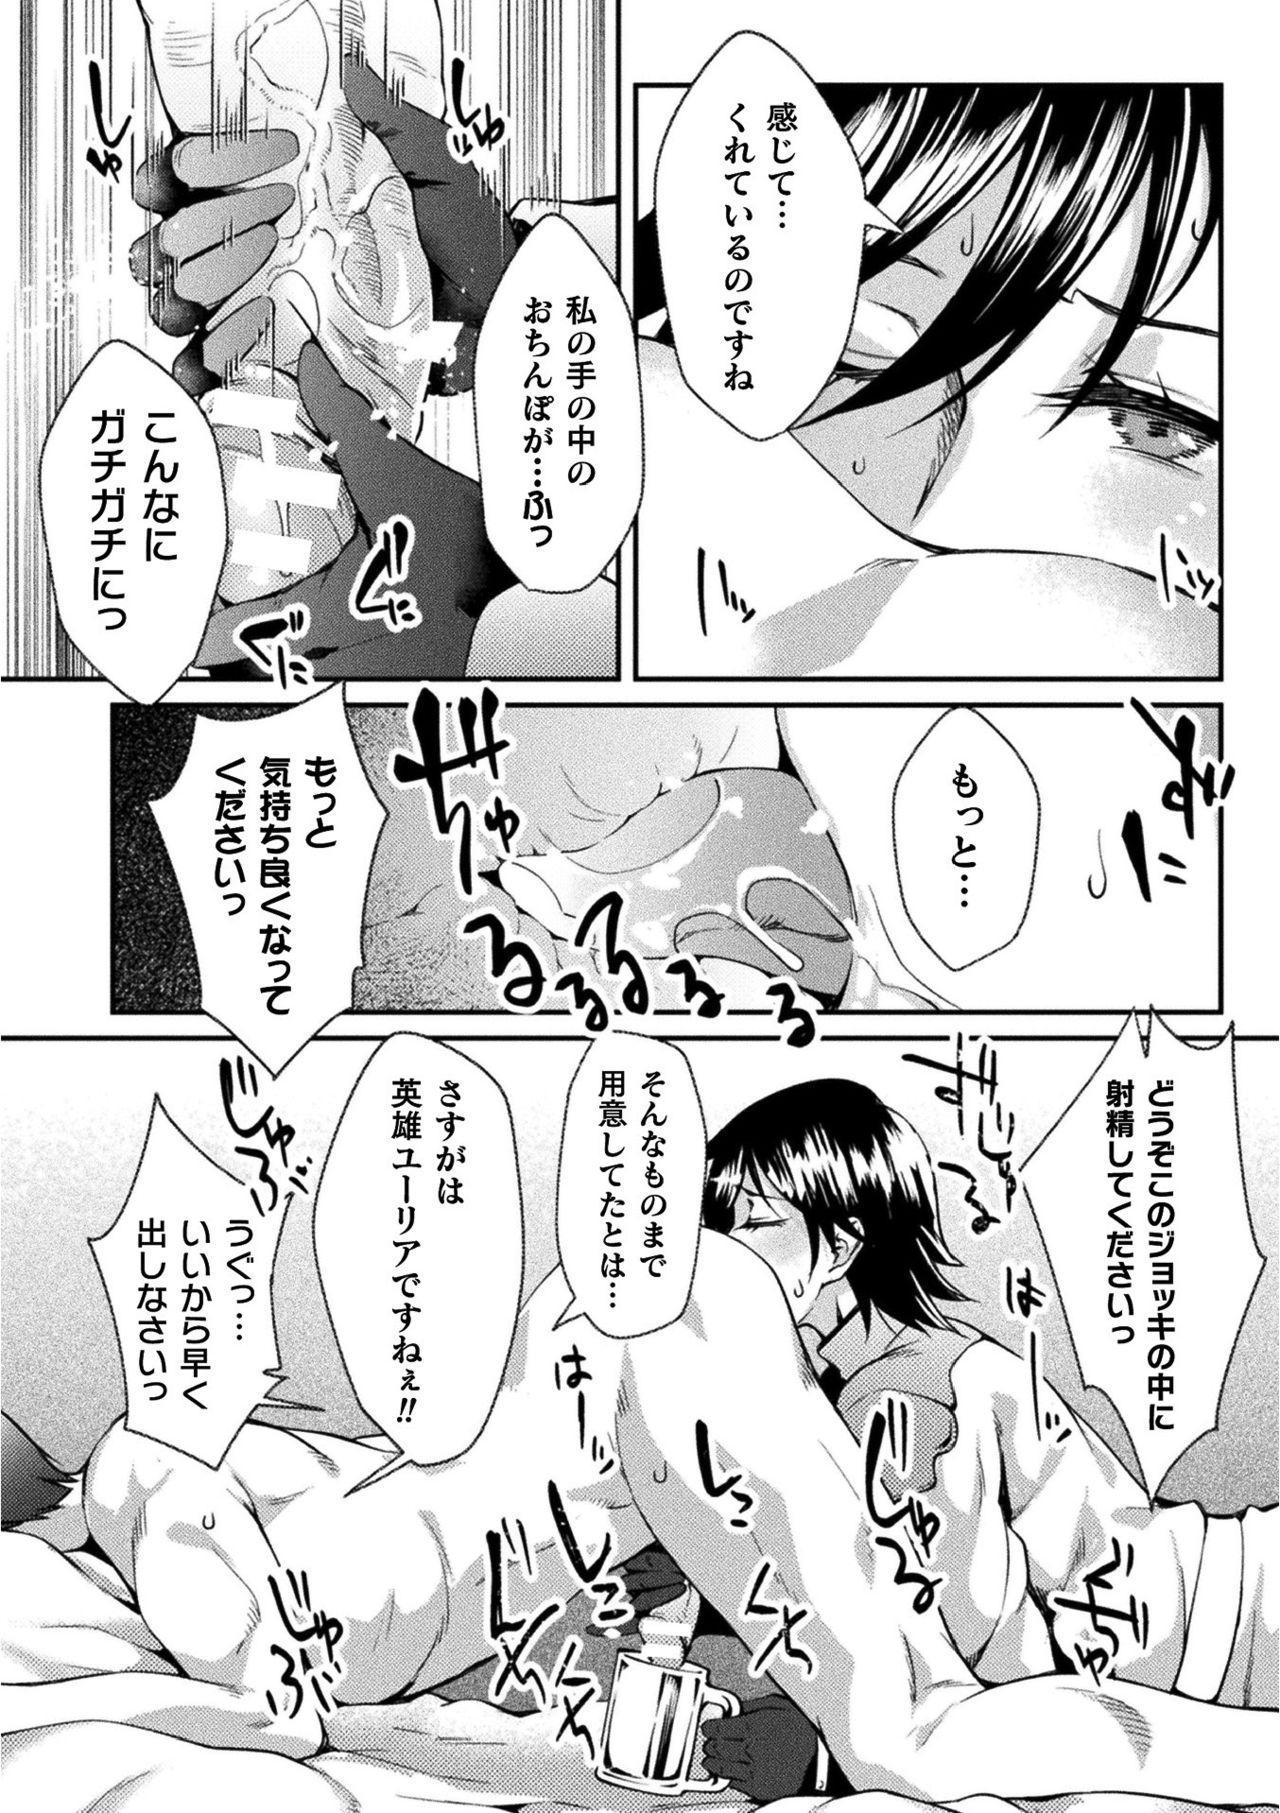 Kukkoro Heroines Vol. 12 60